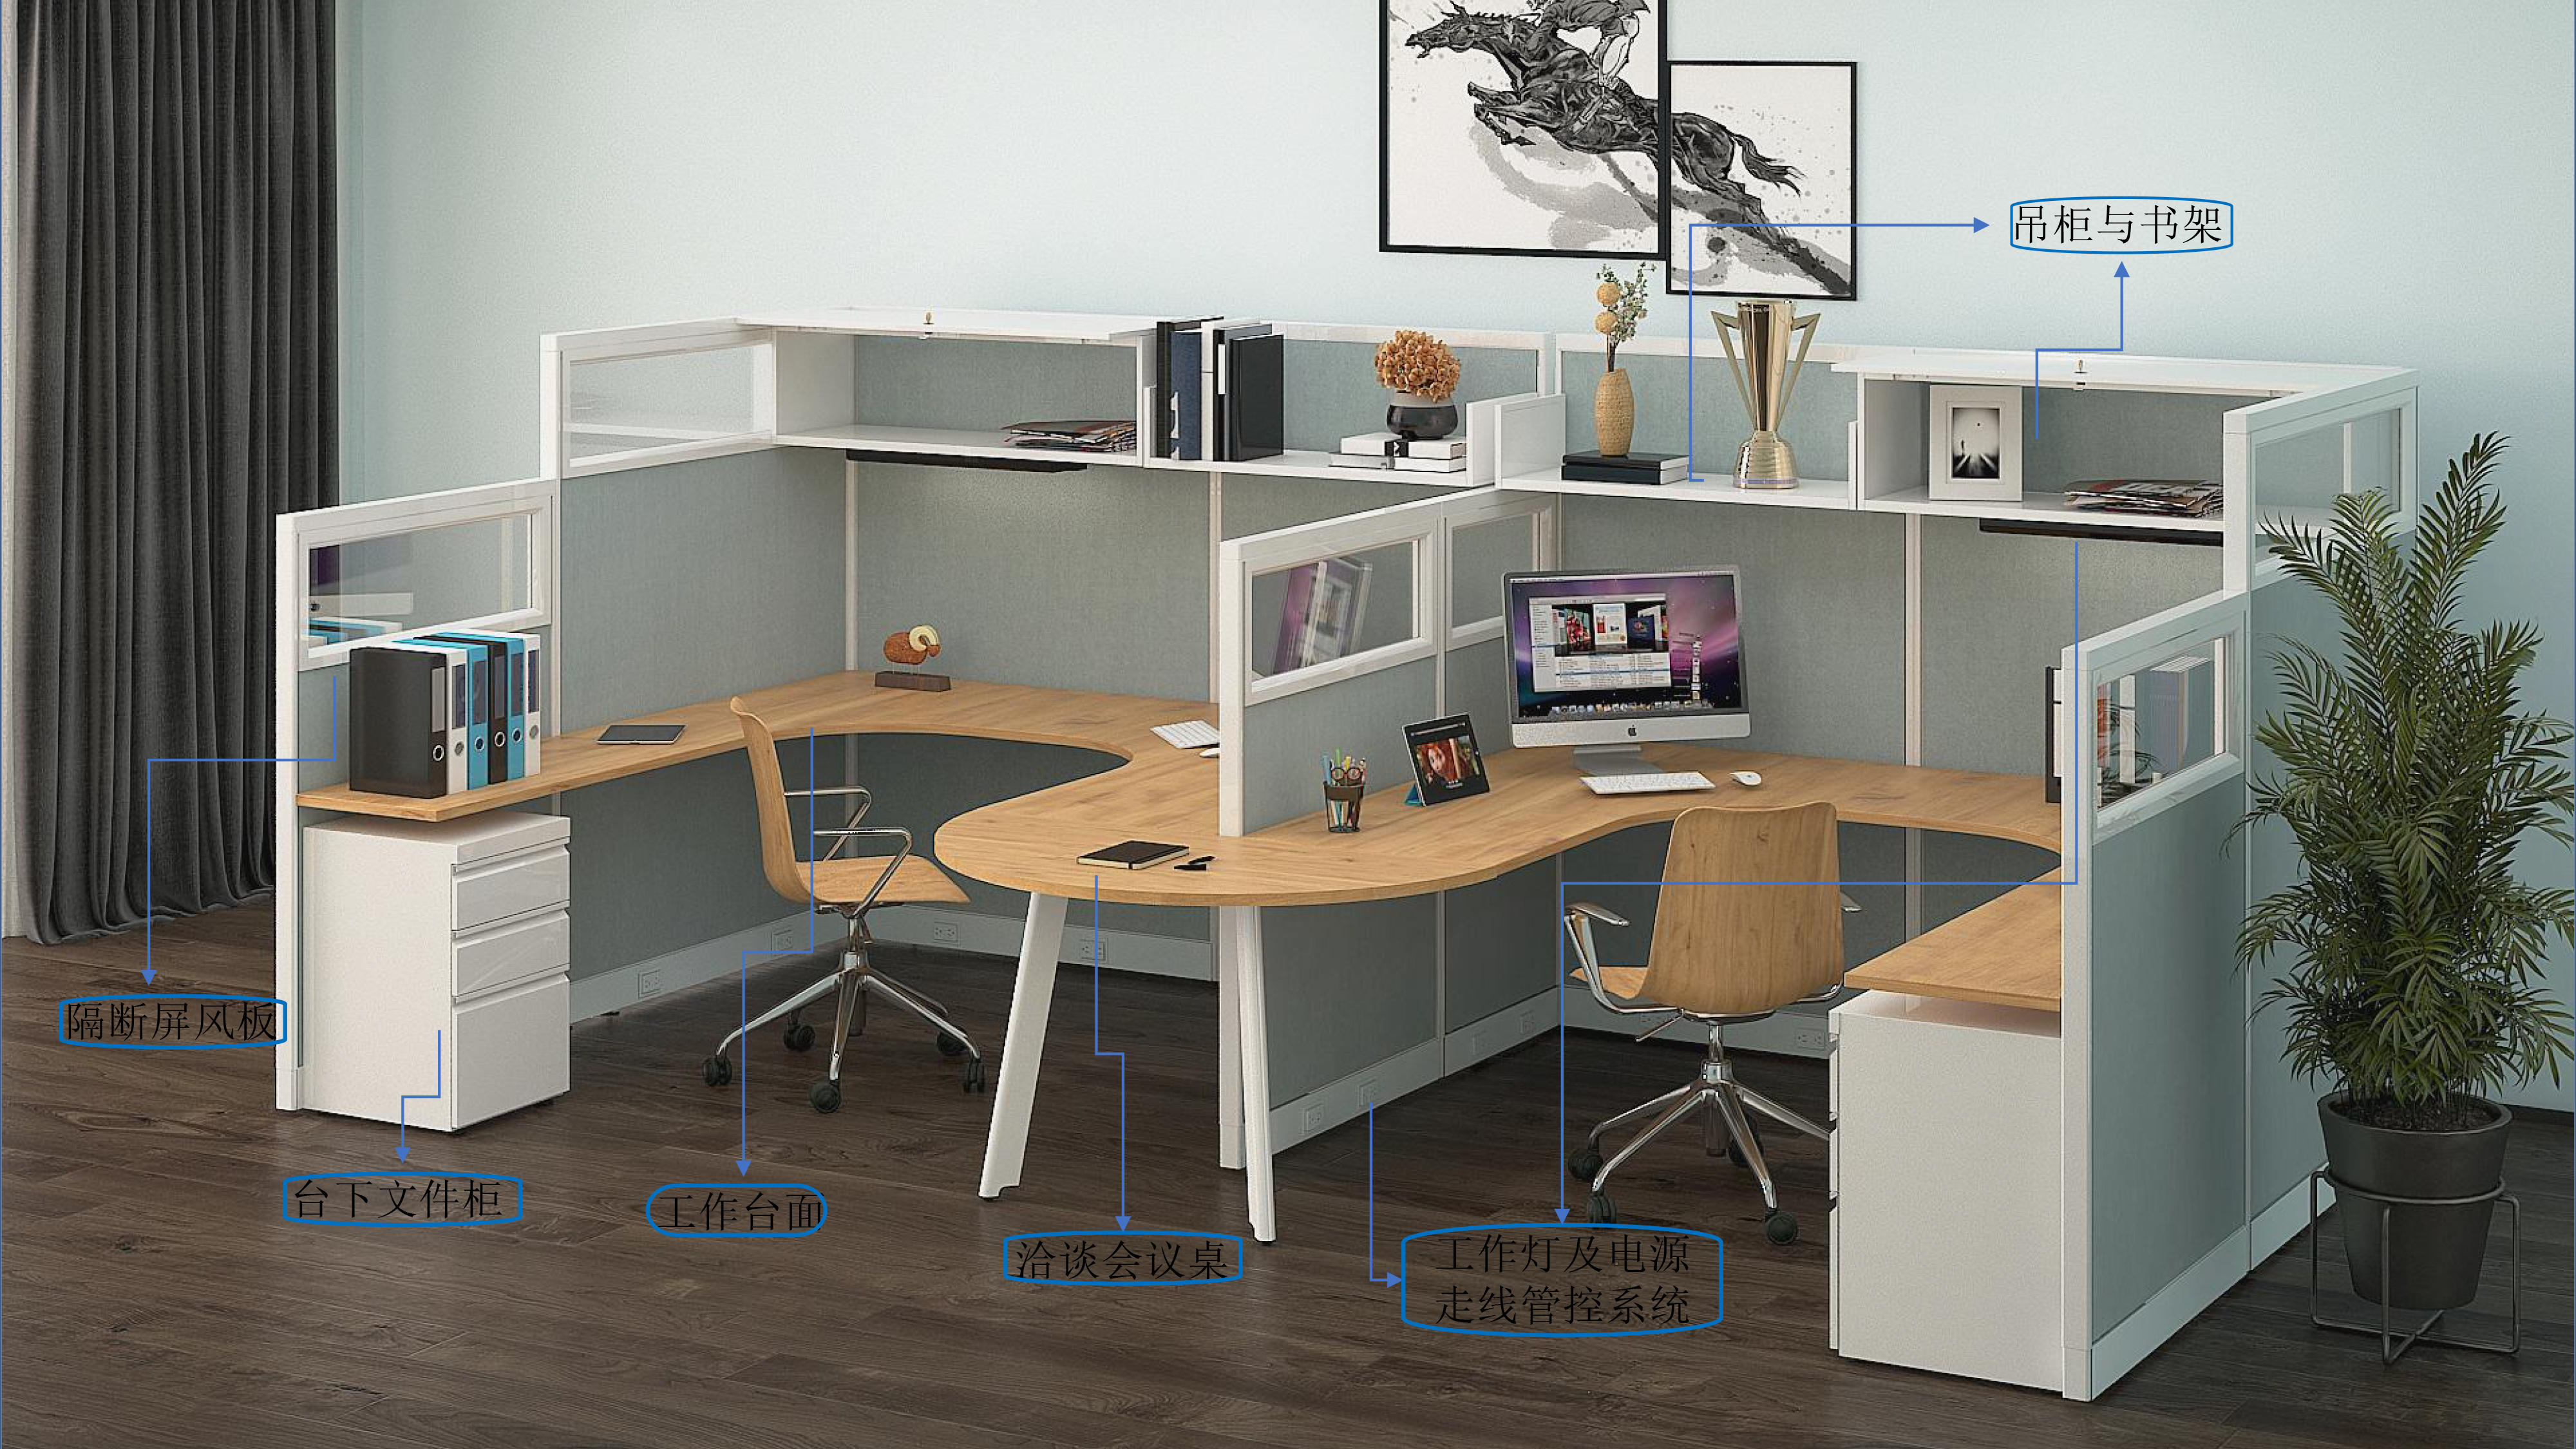 奥美丽办公家具5G技术标准的秘密